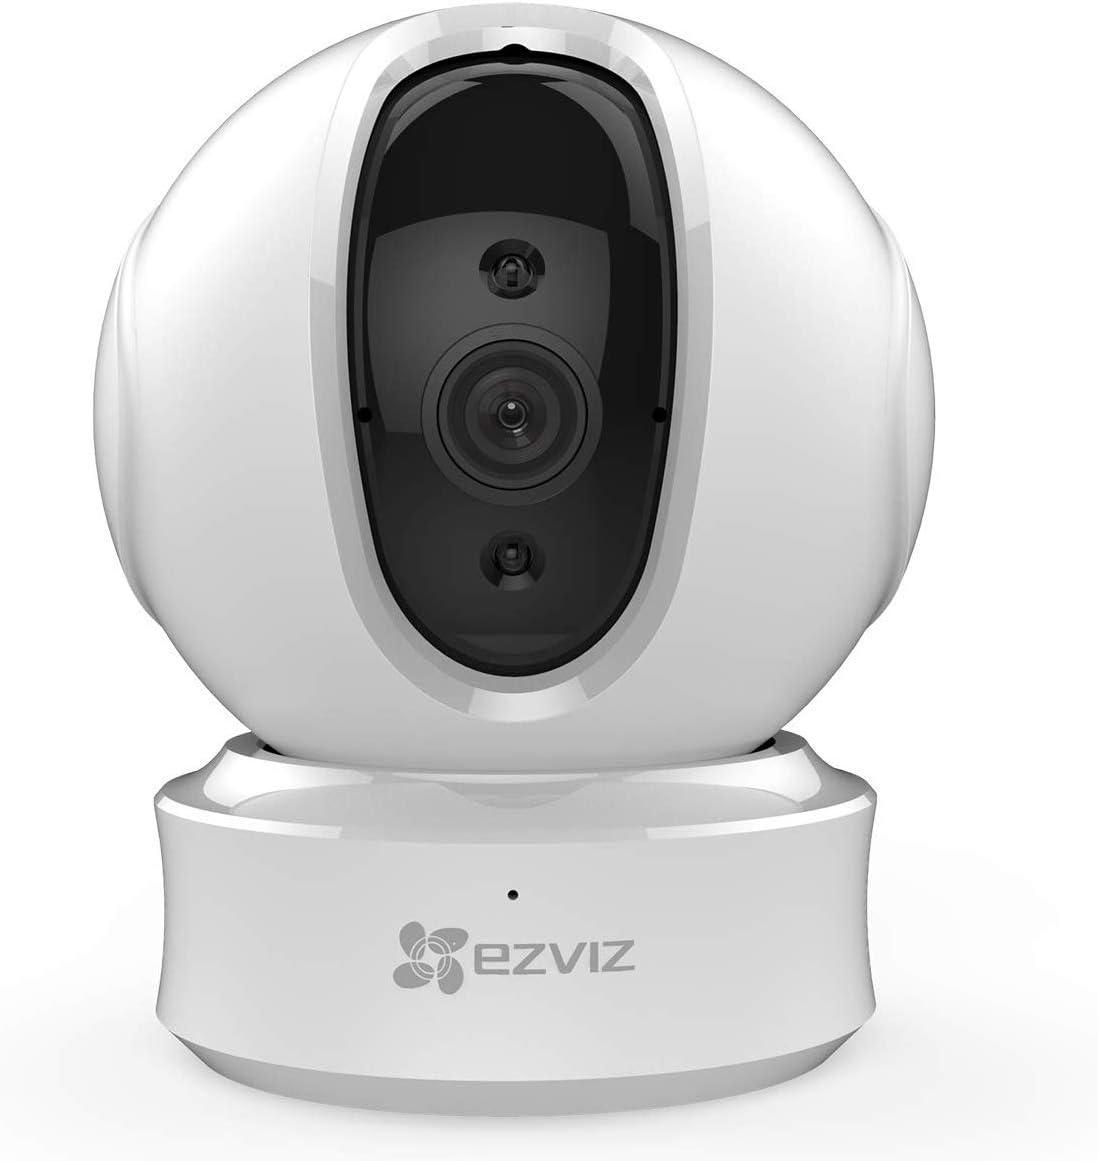 EZVIZ C6CN 1080p Cámara de Seguridad Pan/Tilt WiFi de Vigilancia,Visión Nocturna,Audio Bidireccional,Máscara de Privacidad Inteligente,Seguimiento de Movimiento, Servicio de Nube, Compatible con Alexa